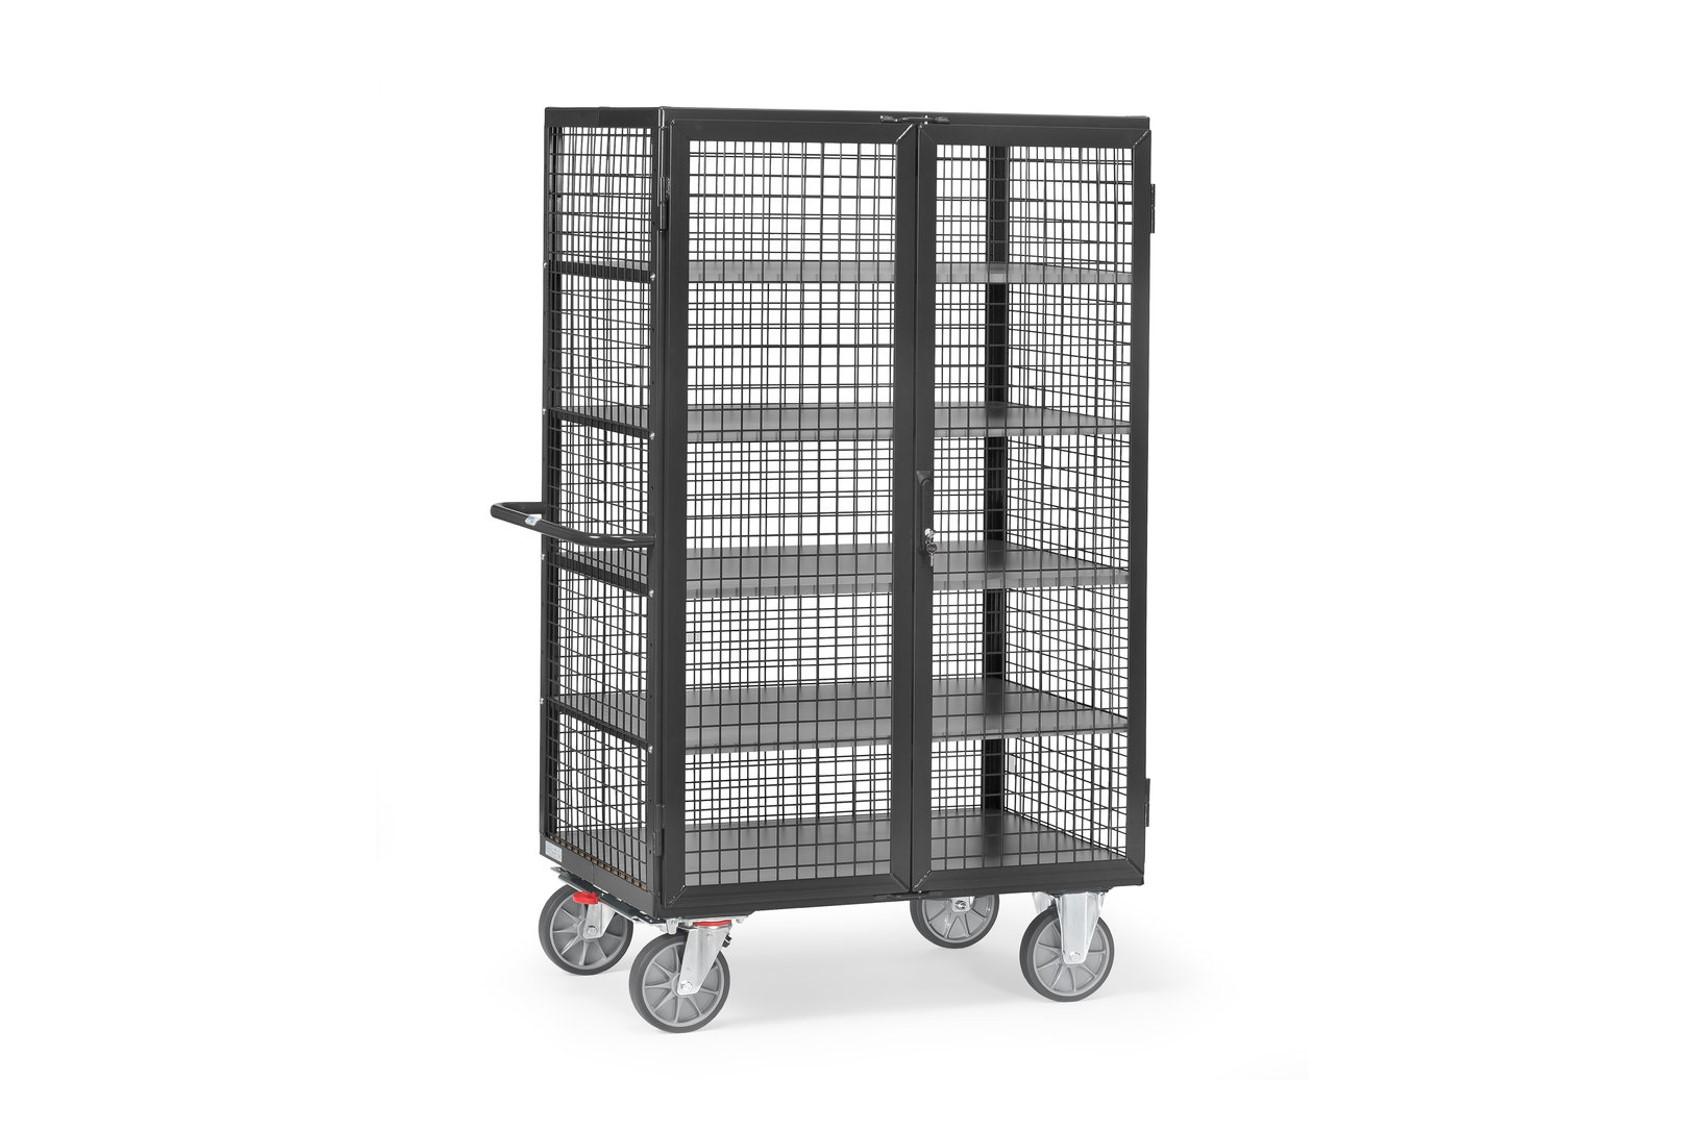 Gitterwagen Datenschutzbehälter G (Mietkosten)